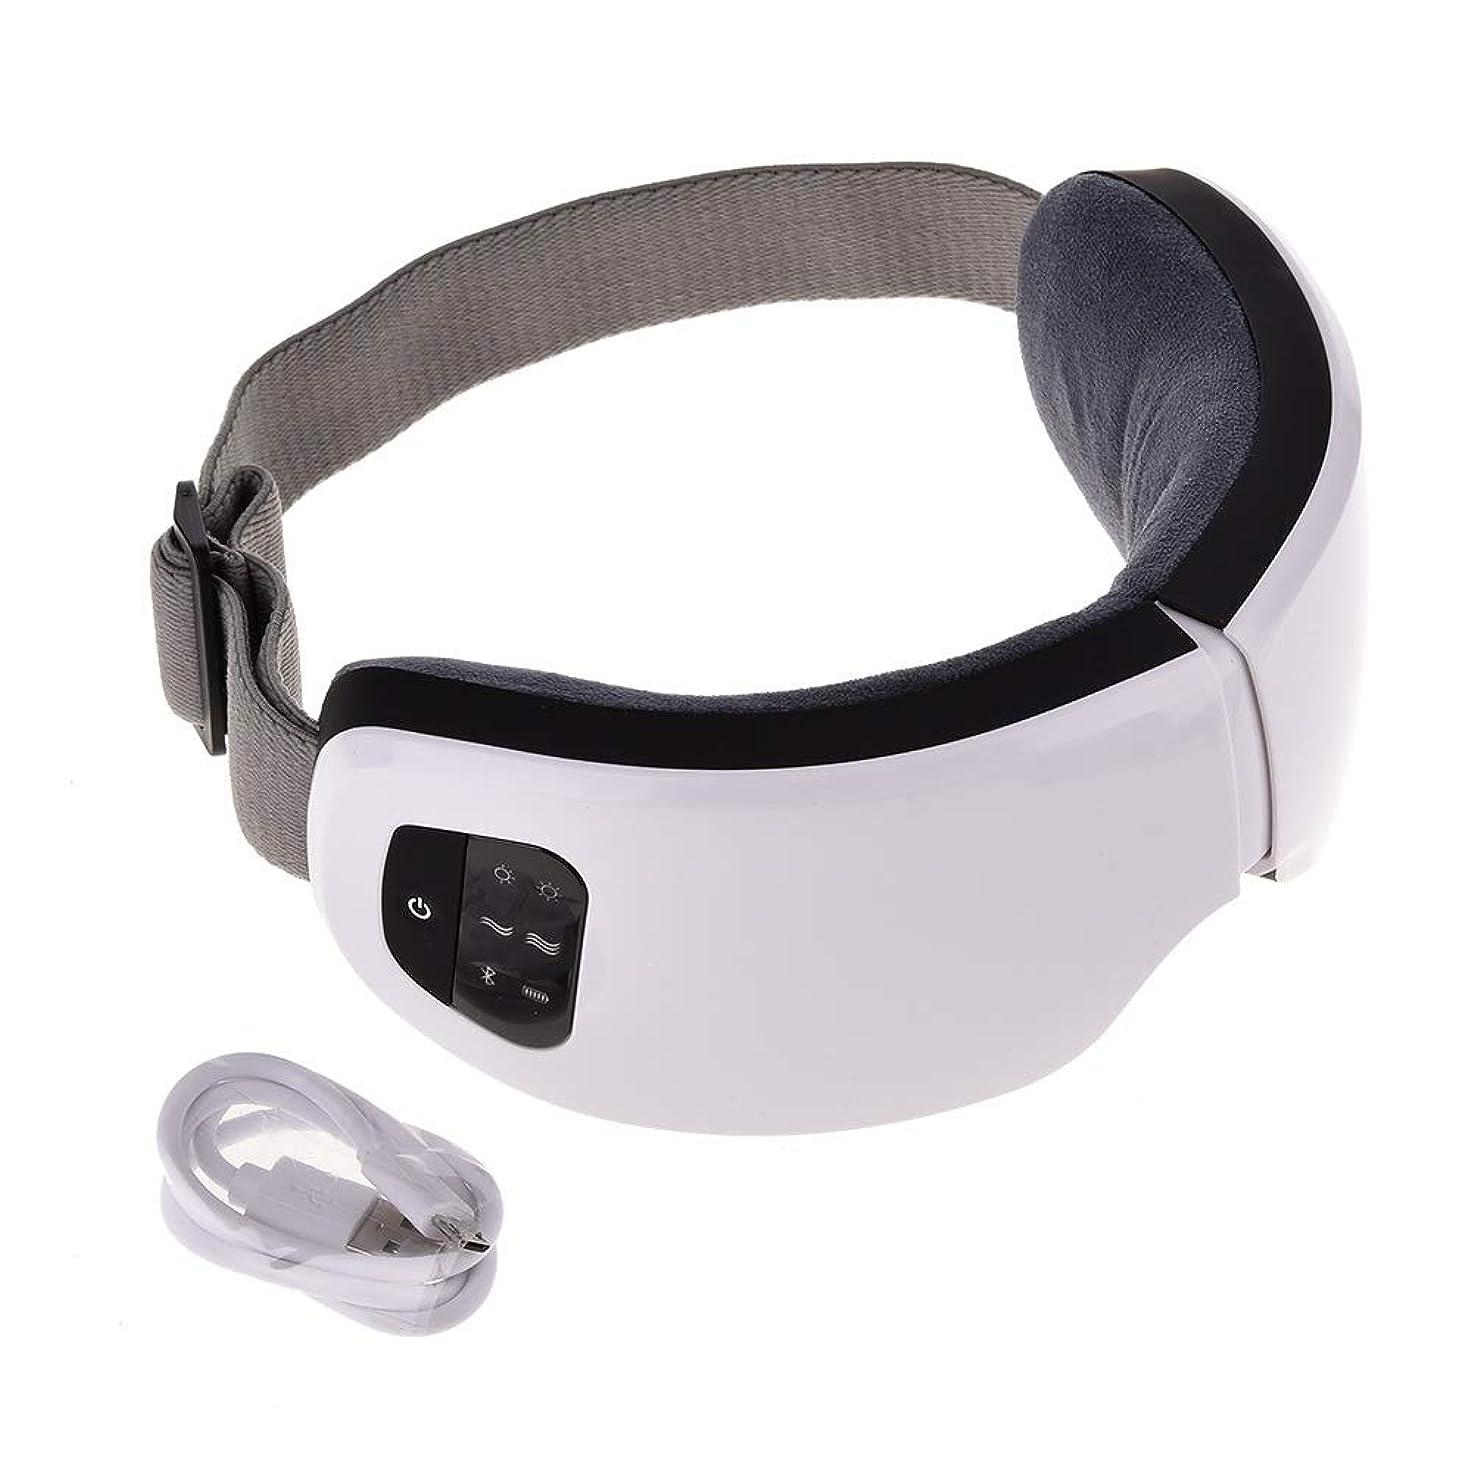 によって盟主誰でもMeet now ファッションアイマッサージャー、電気マッサージ器具、高度な音楽振動アイプロテクター 品質保証